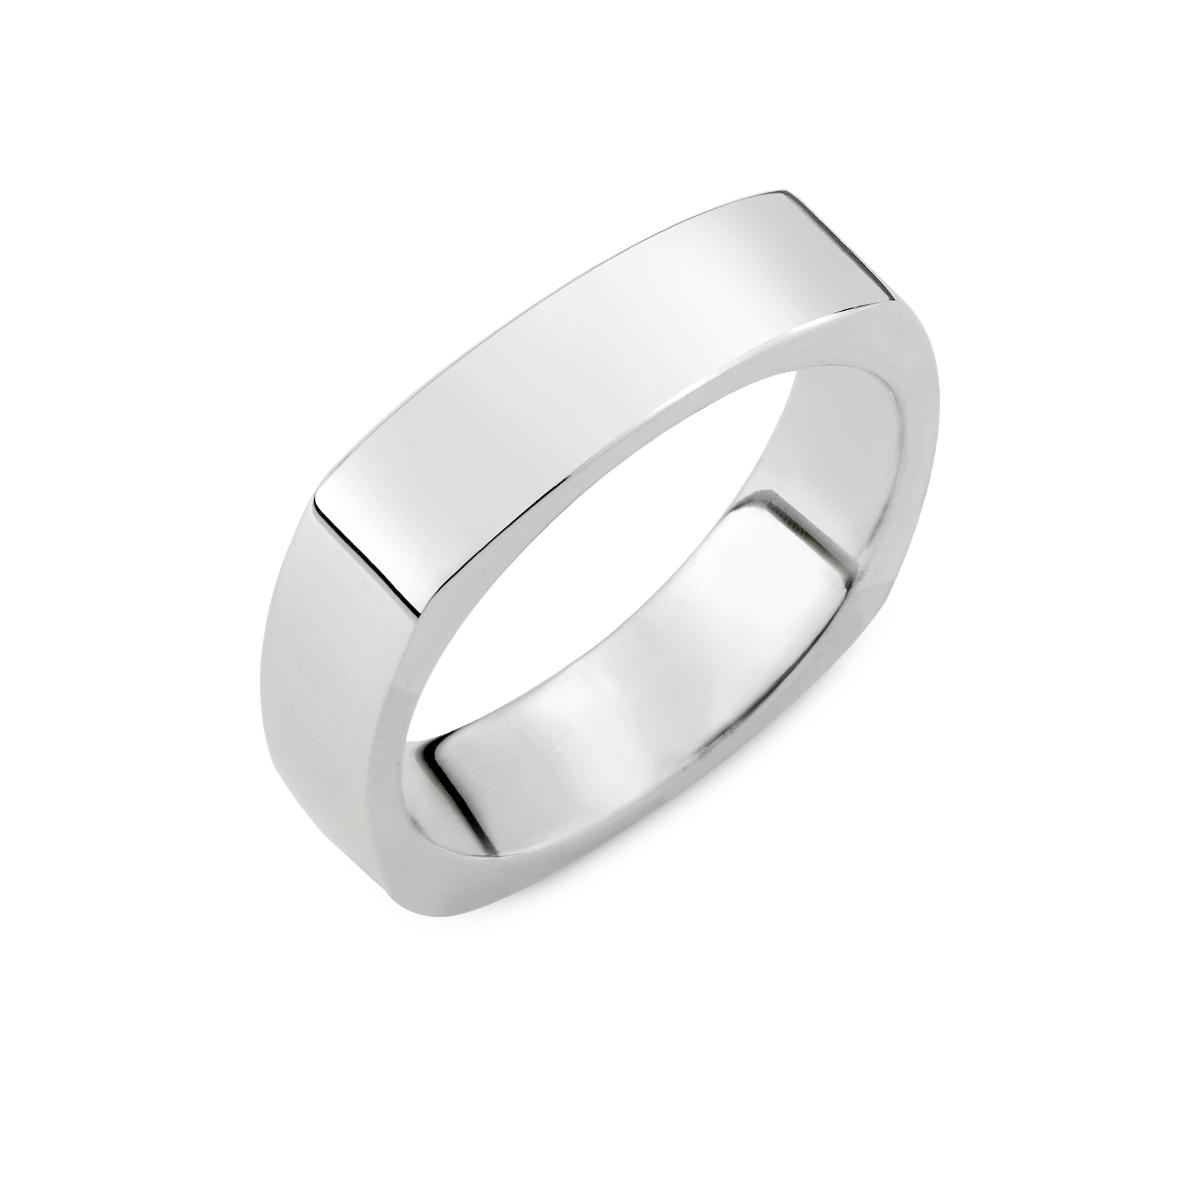 KSW303 經典方形造型厚實戒指